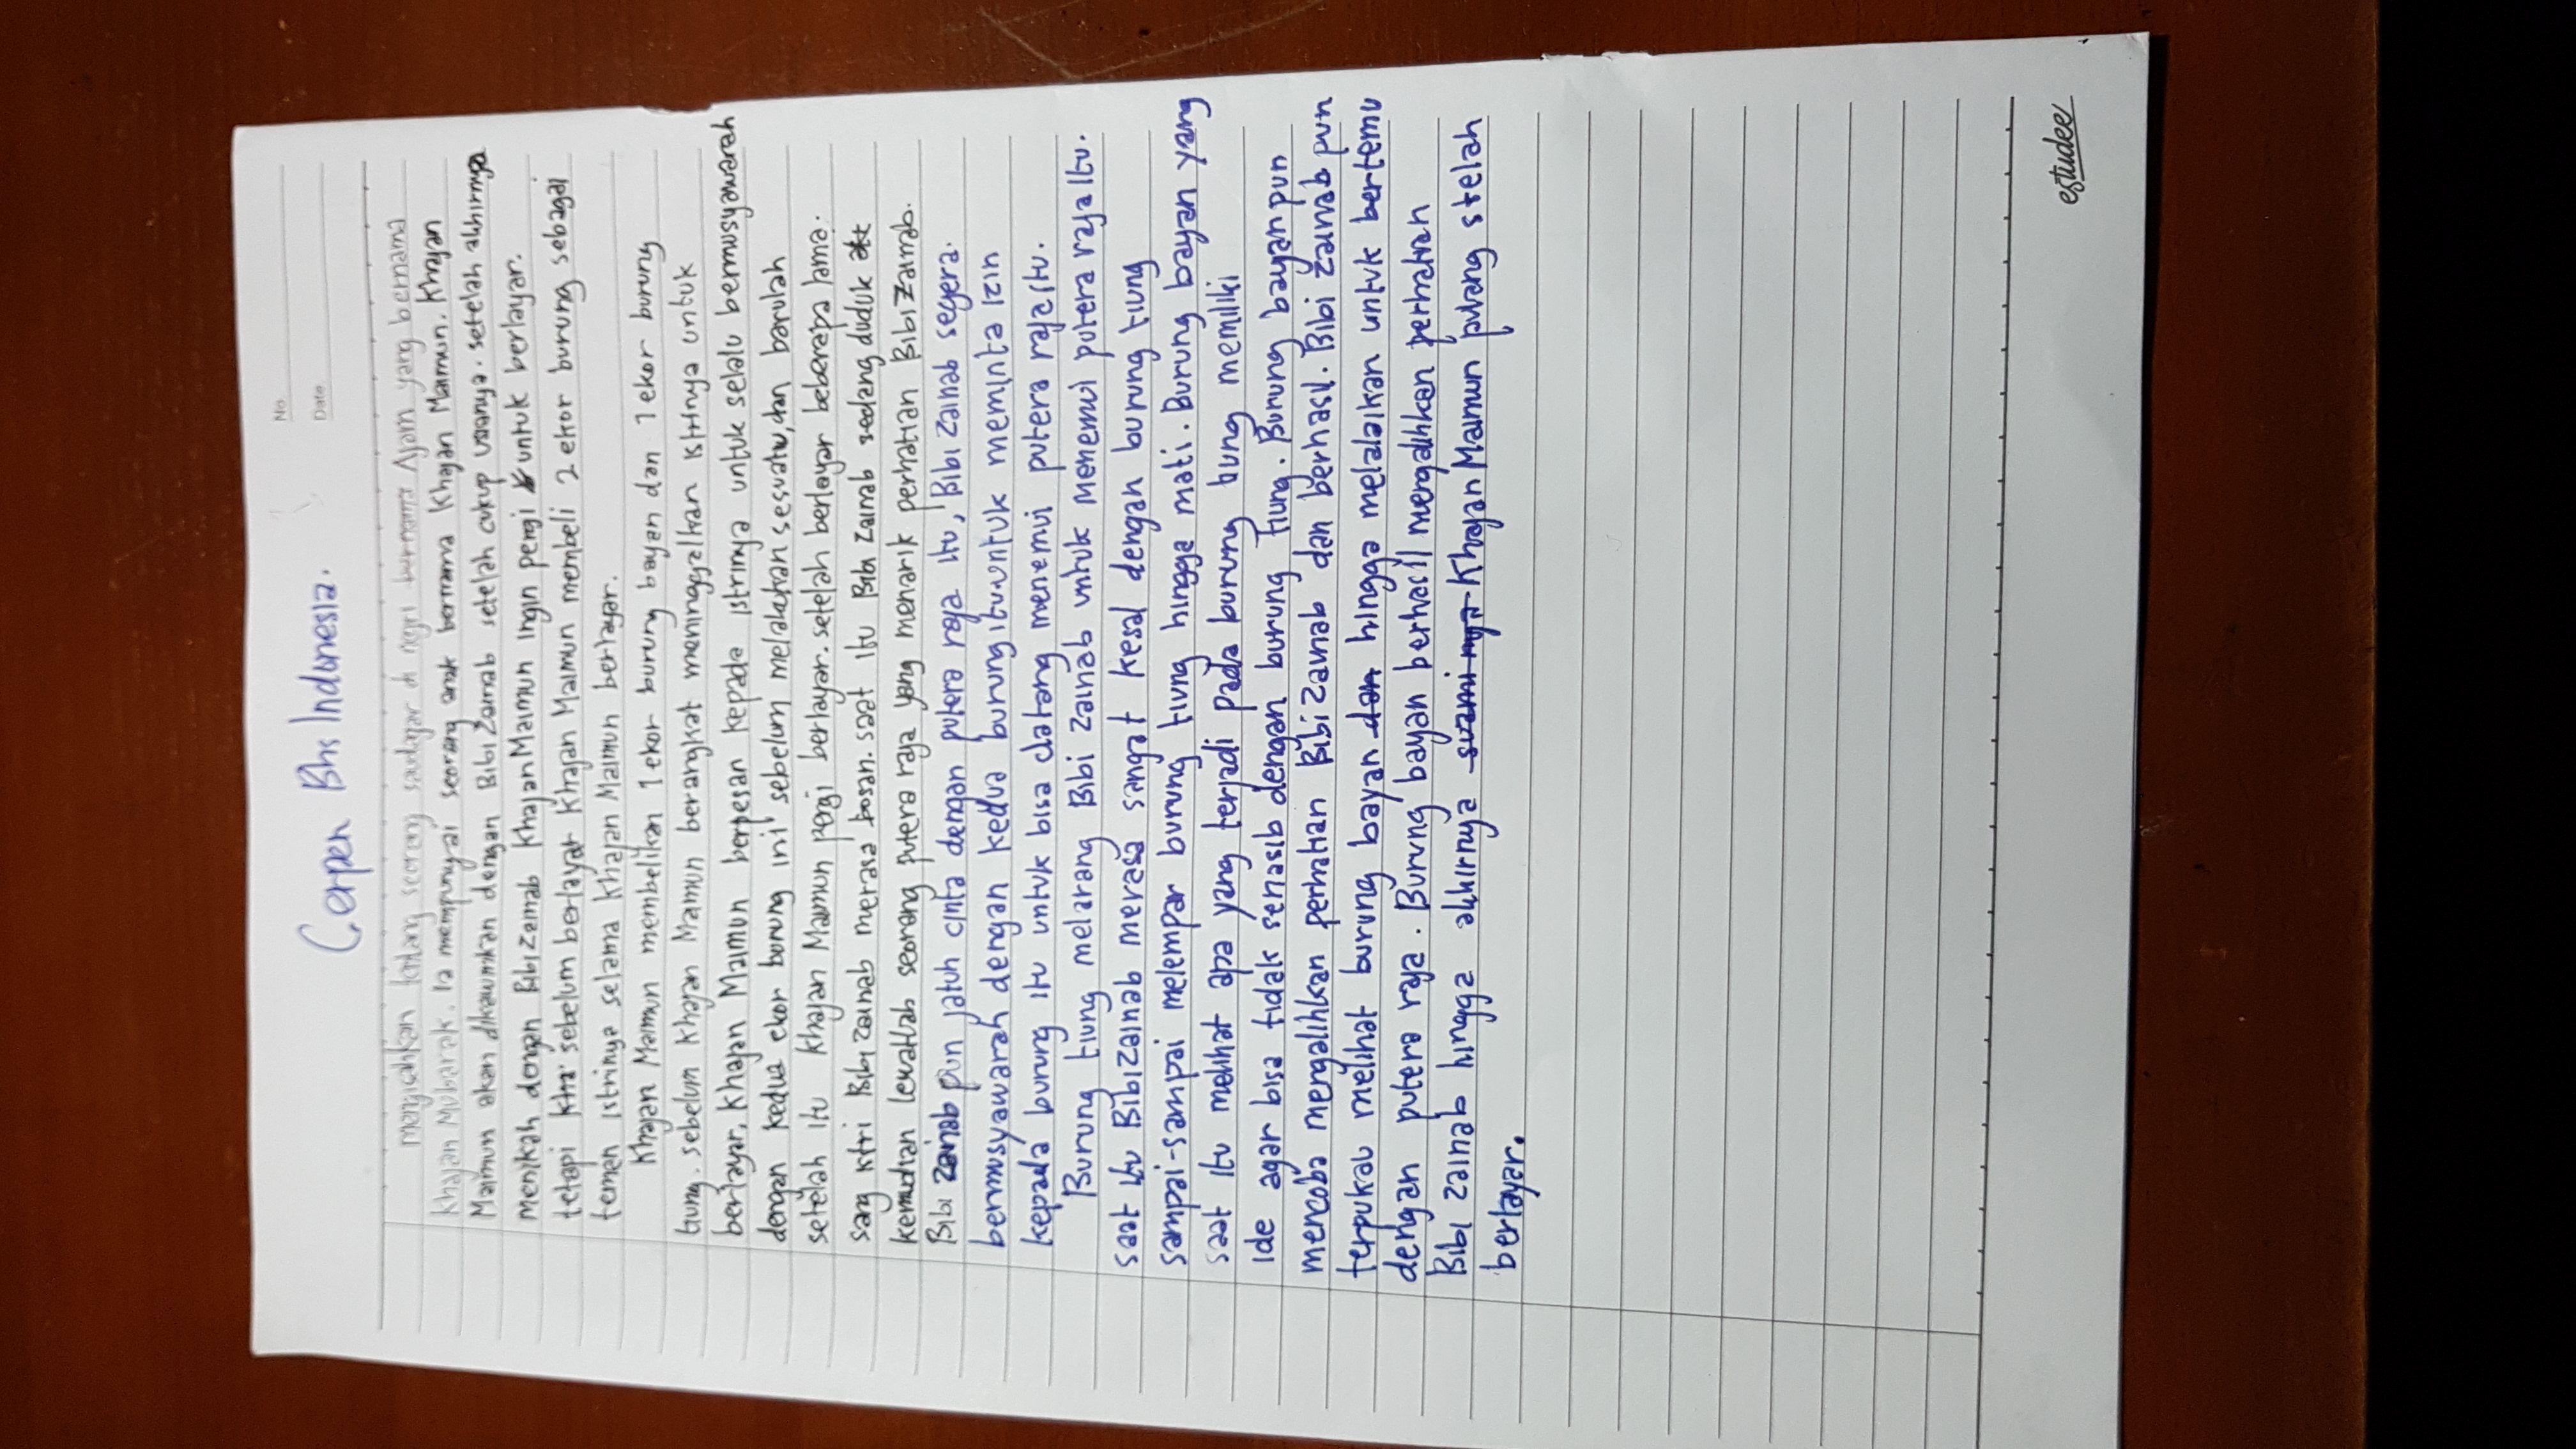 Saya Mengubah Teks Hikayat Bayan Budiman Menjadi Cerpen Apakah Bener